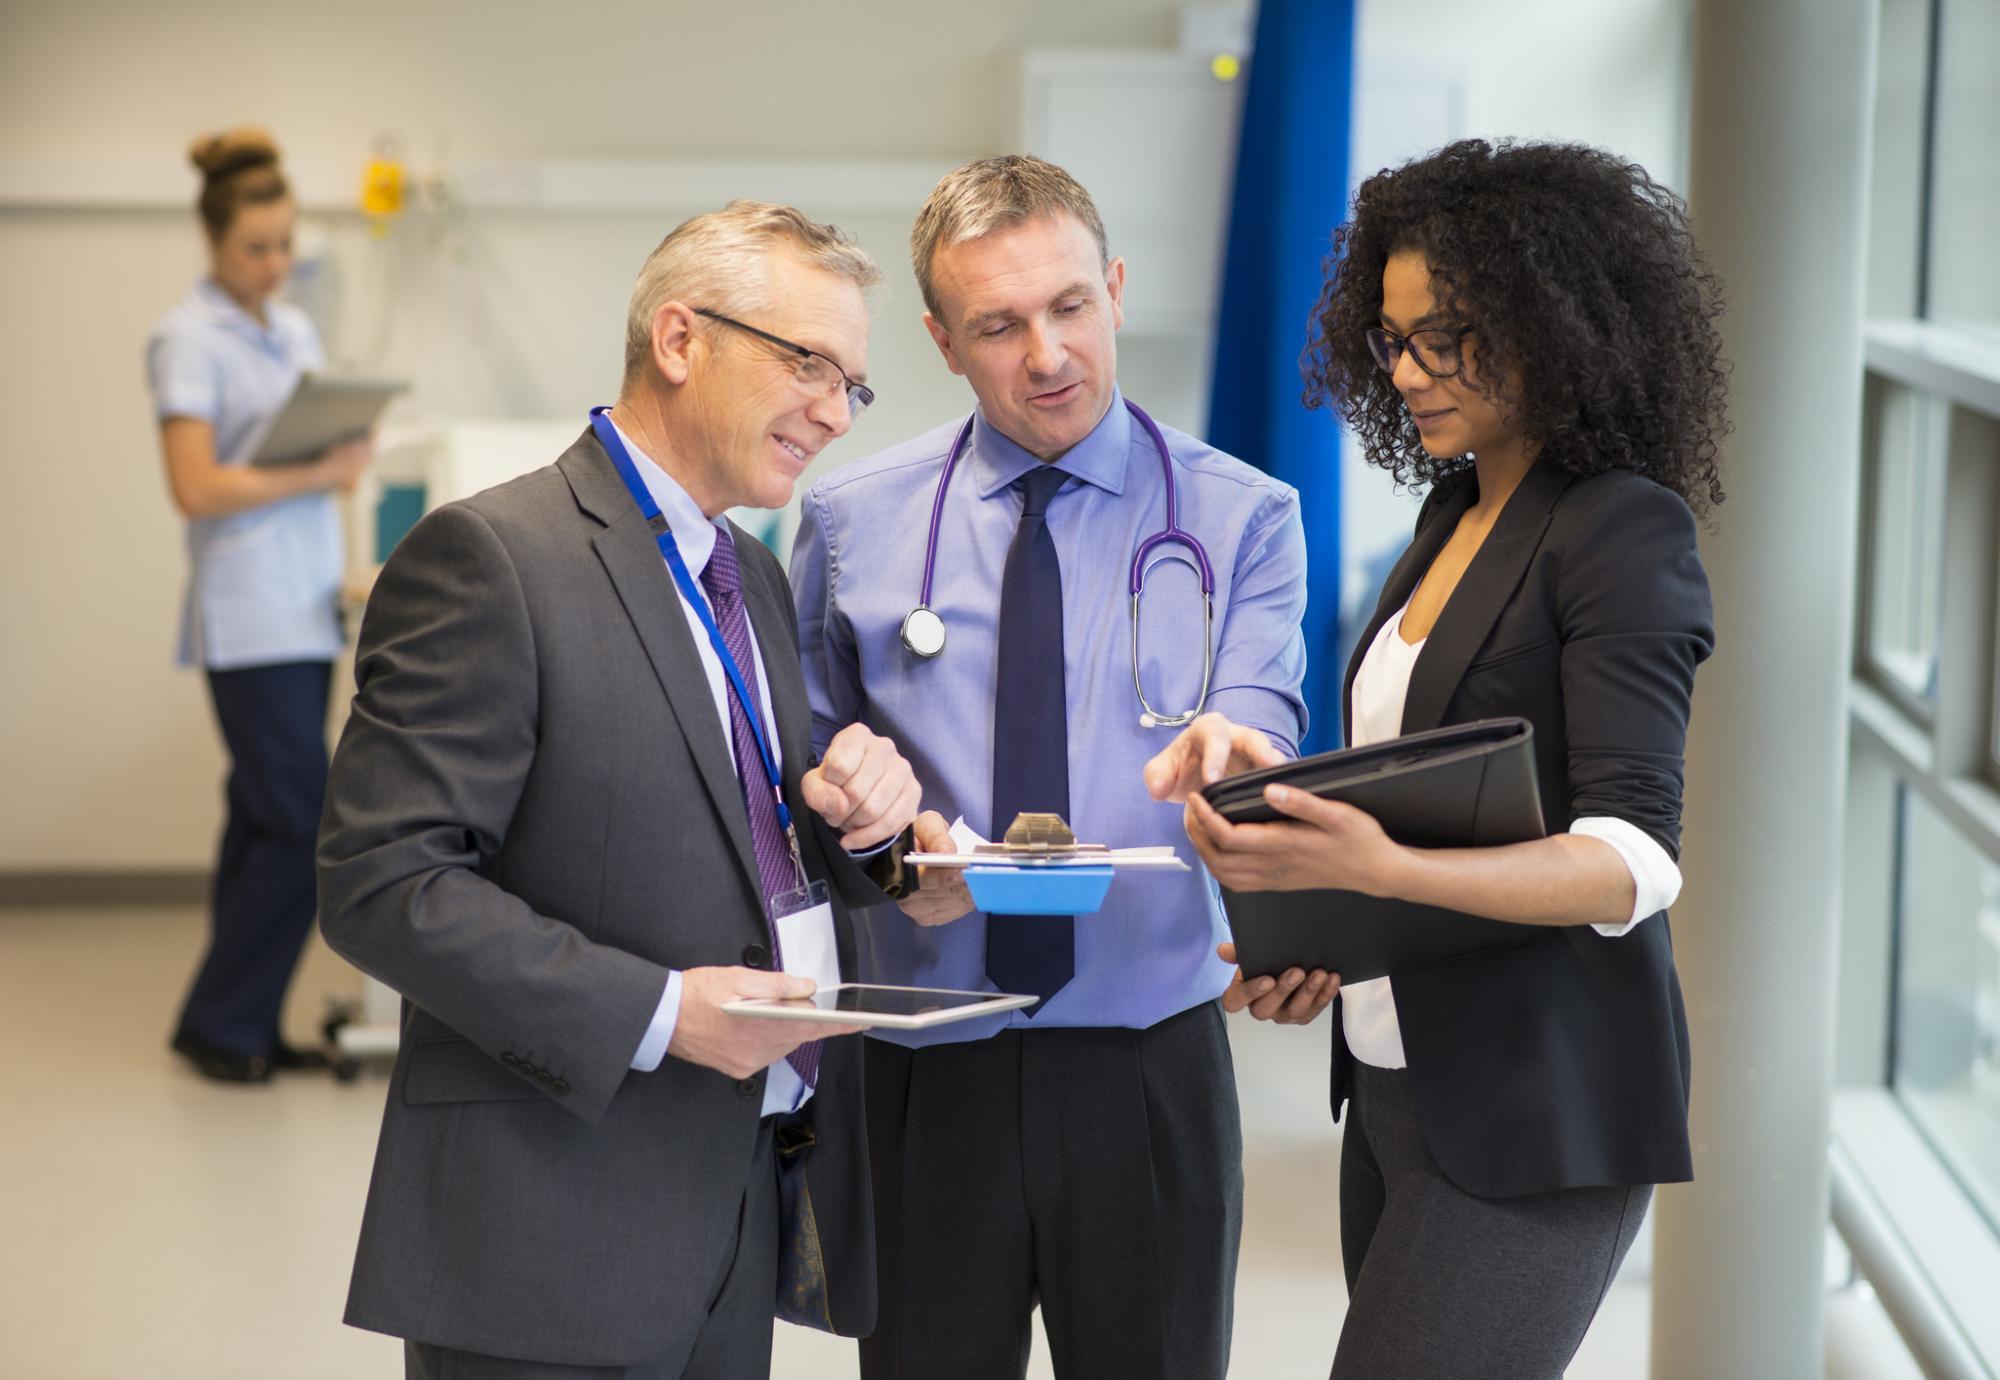 Gestor de saúde: Conheça o que faz esse profissional na área médica